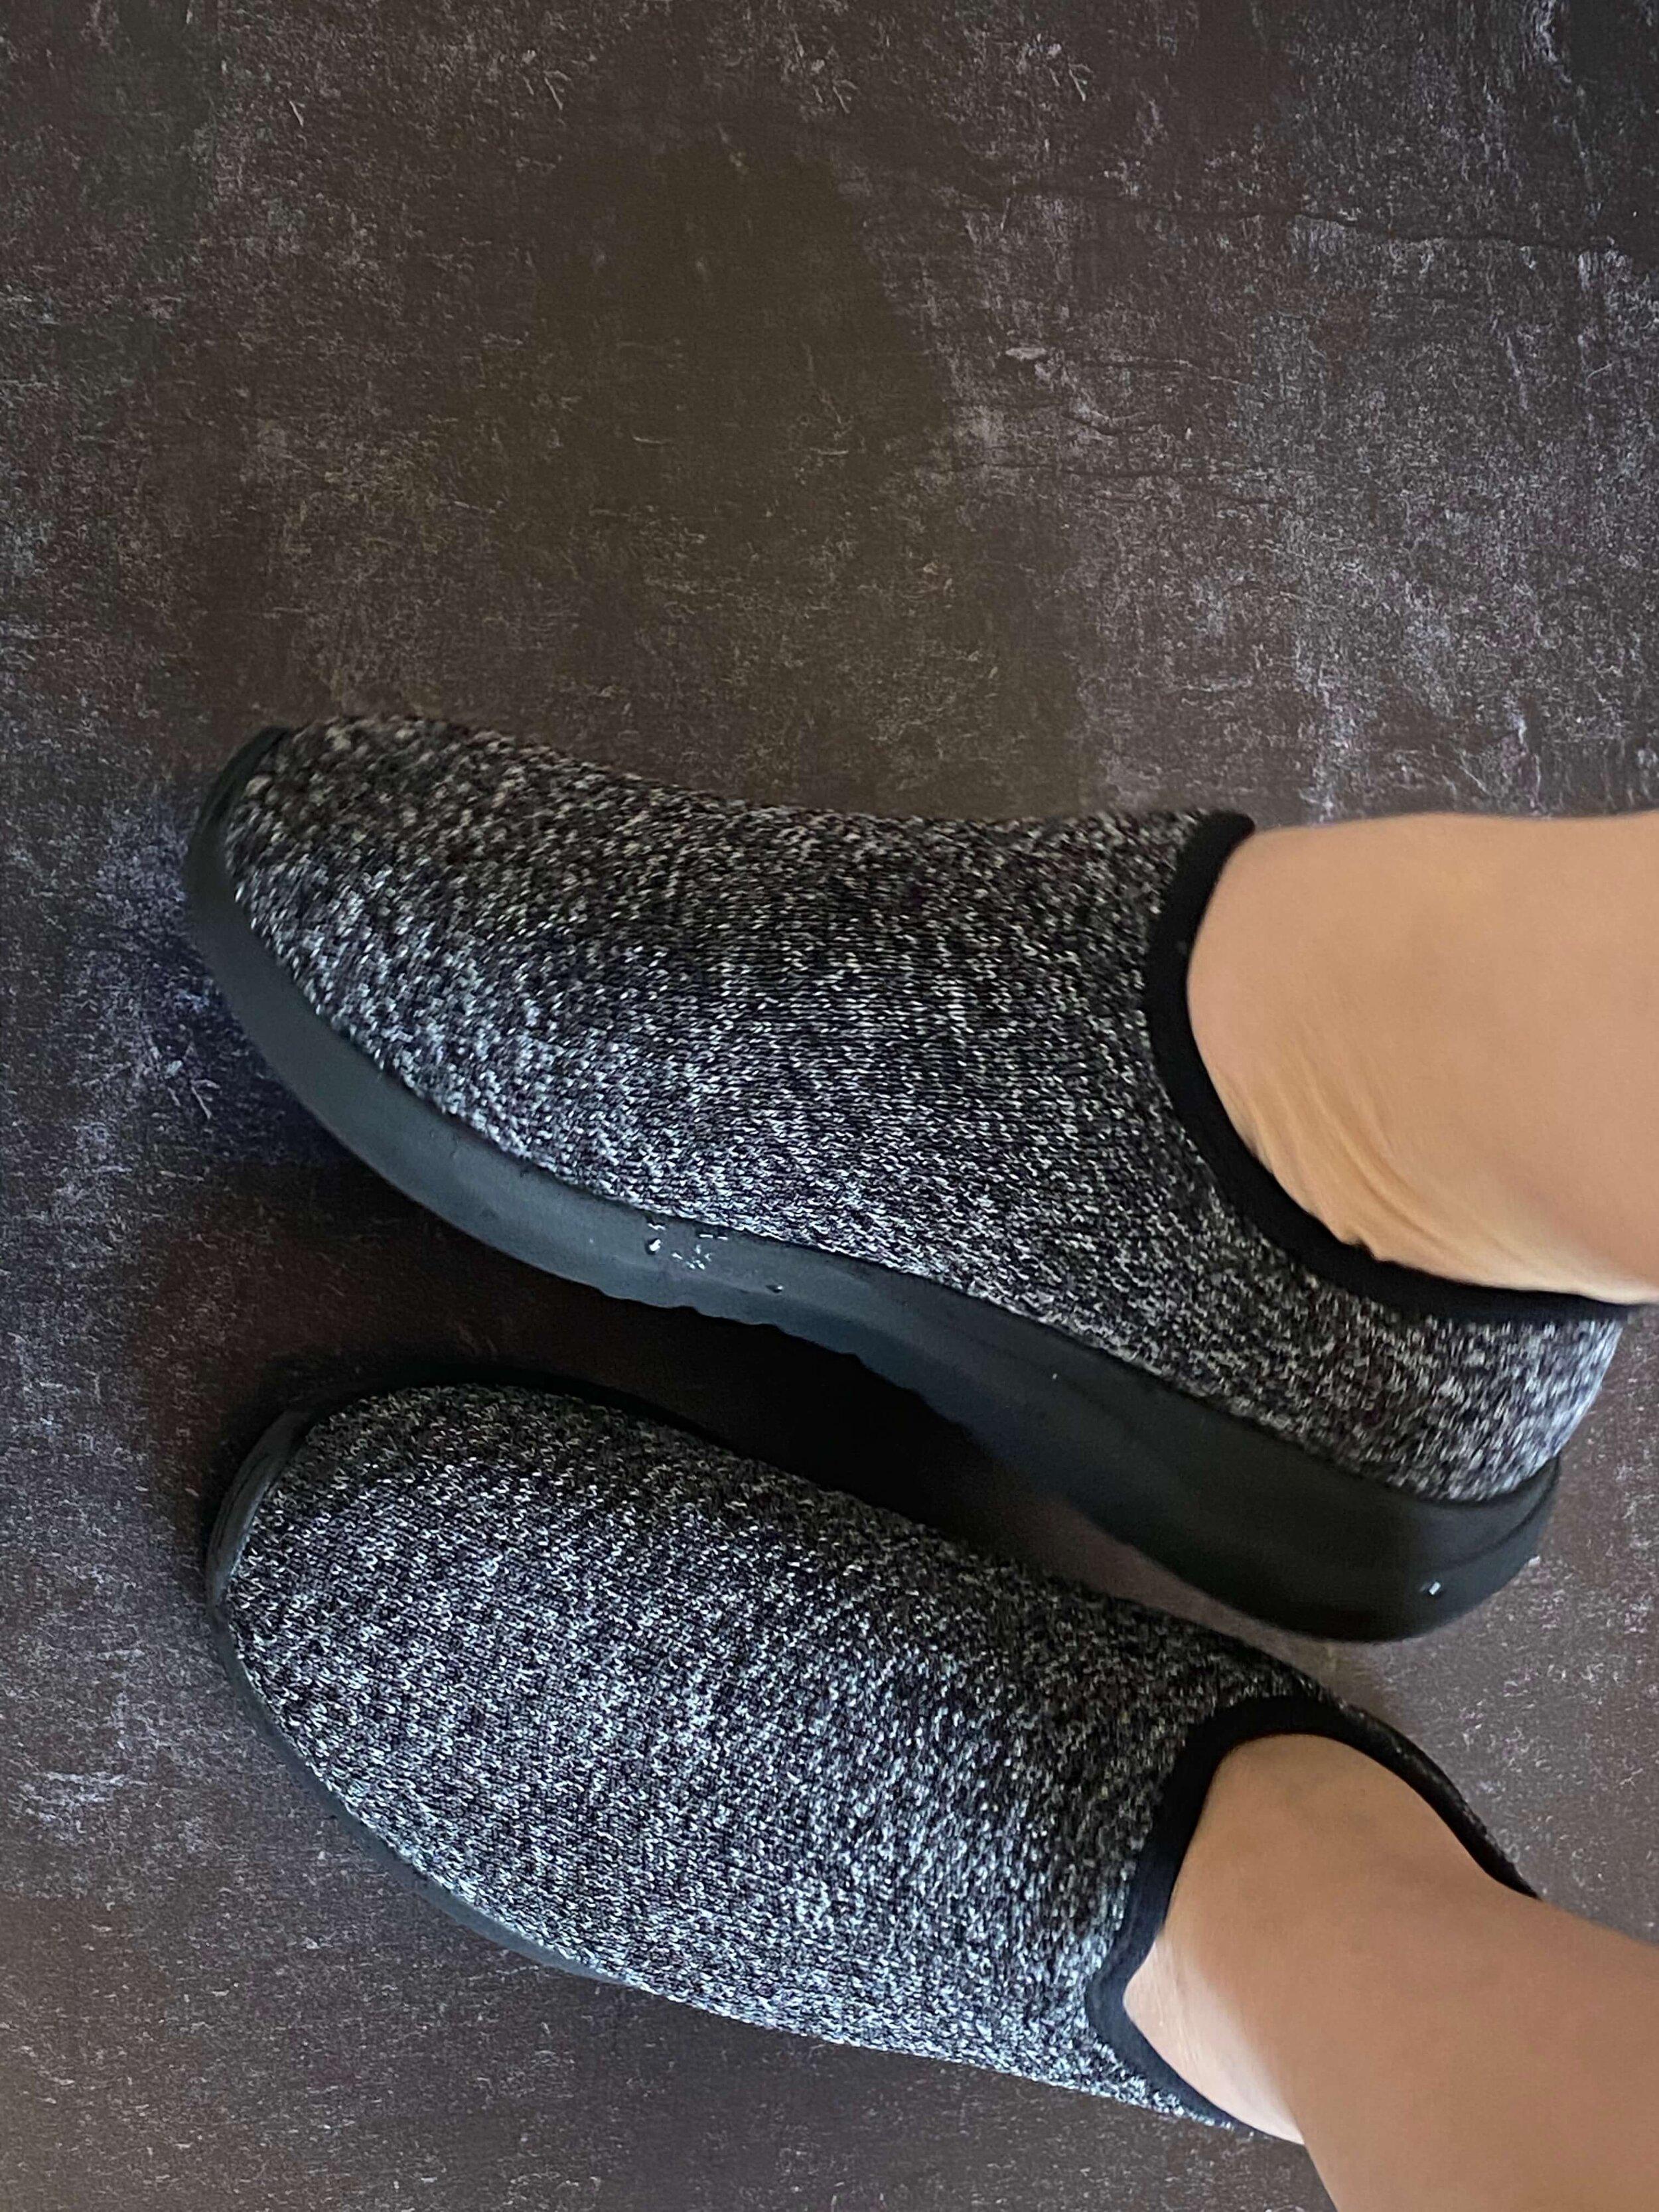 100% Waterproof Merino Wool Shoes V-Tex